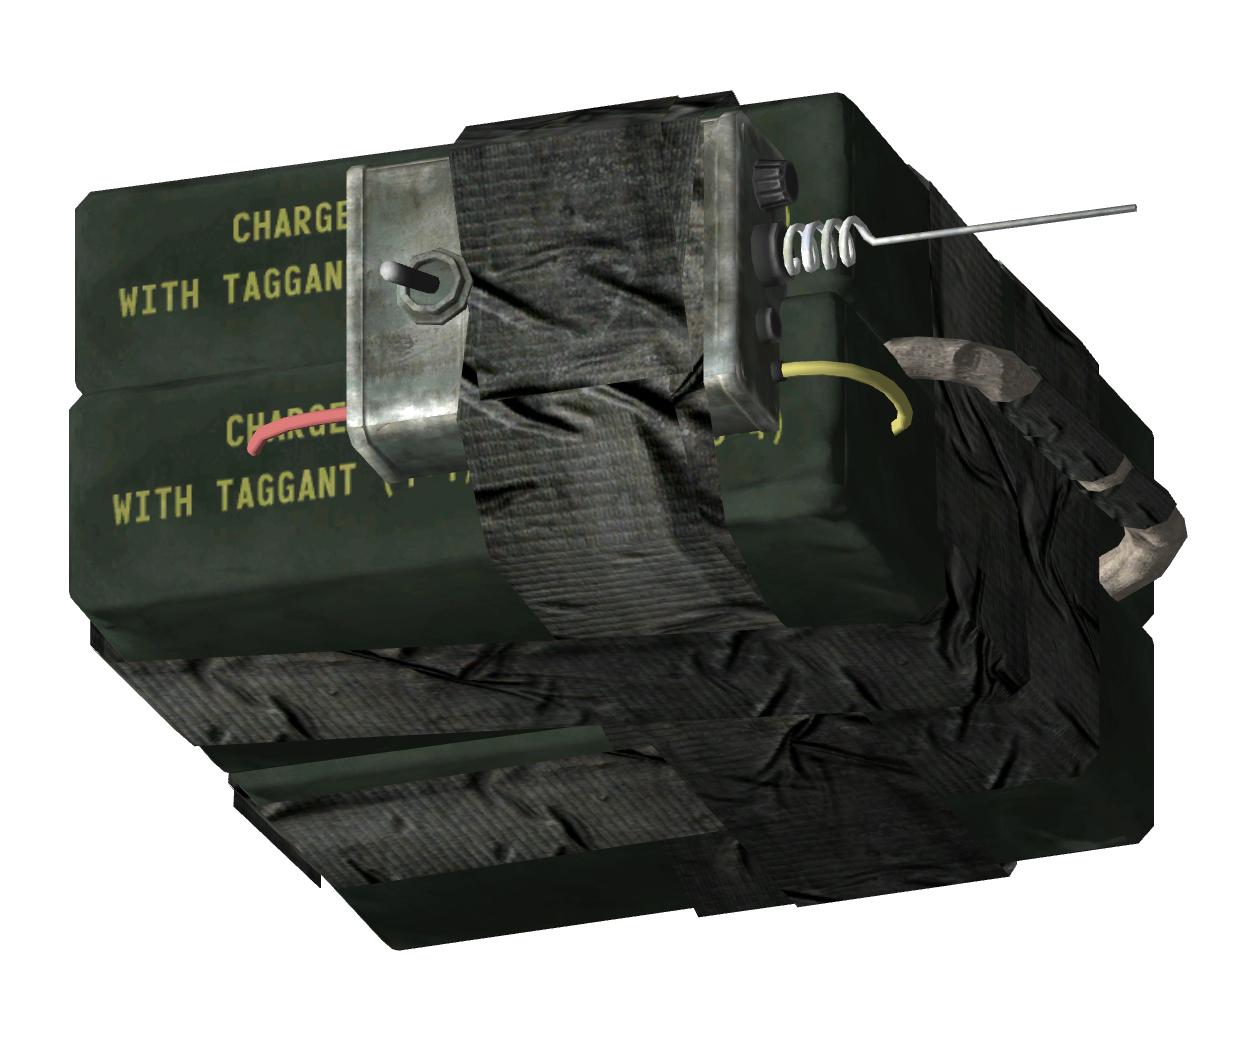 https://images.wikia.com/fallout/images/1/1e/C-4plasticexplosive.png